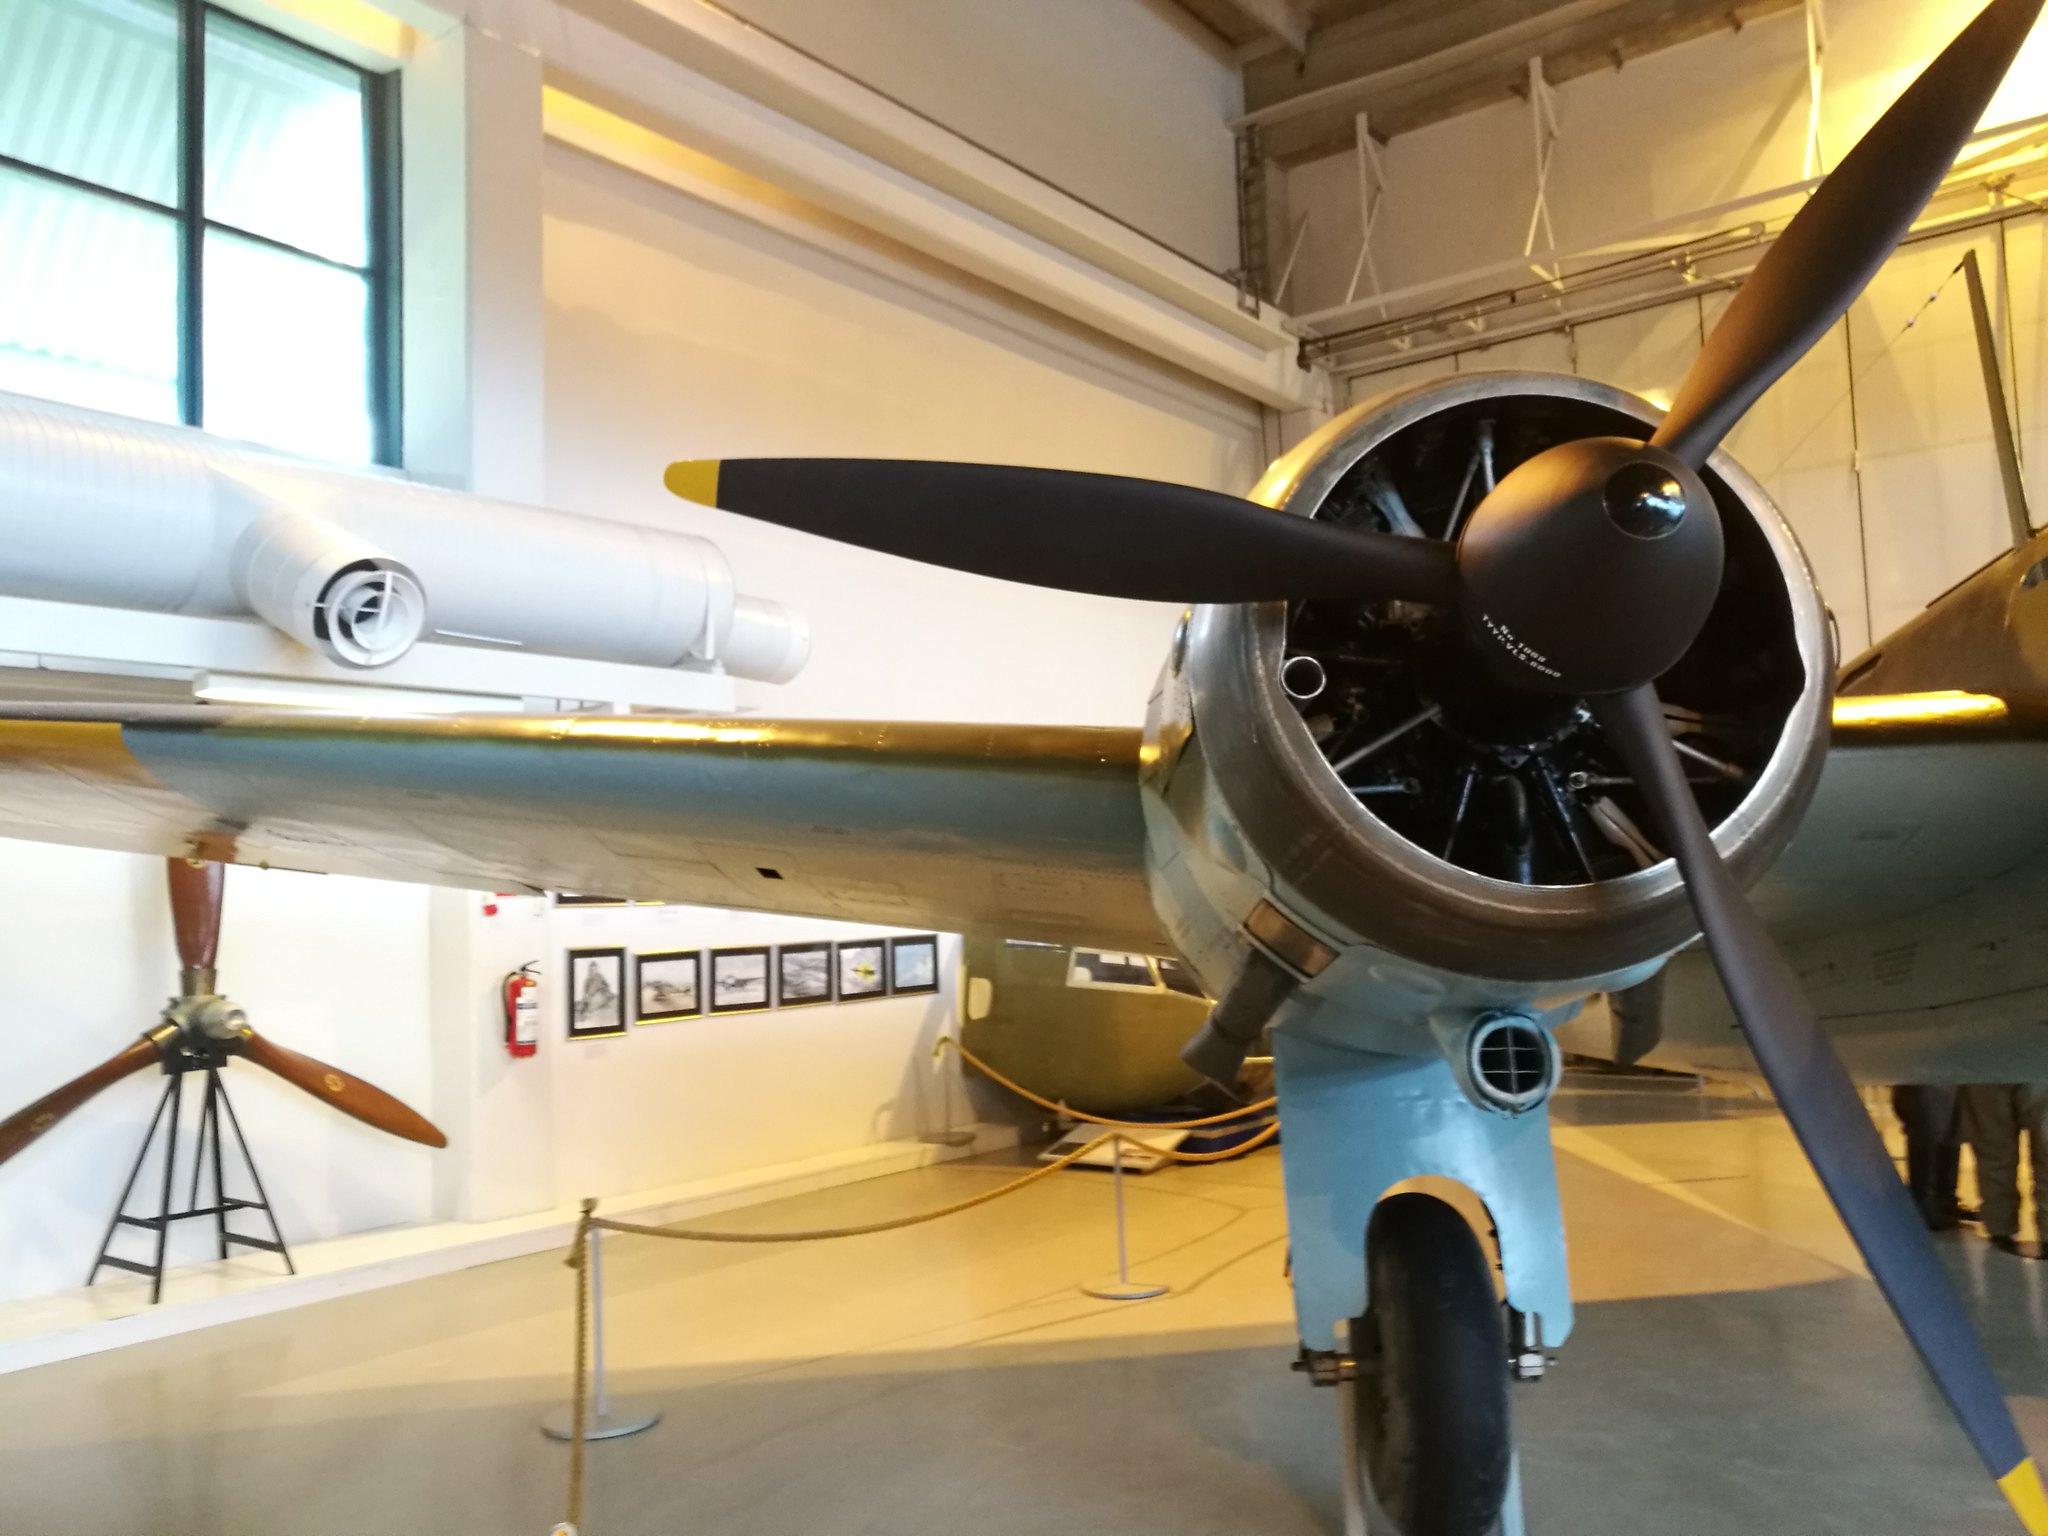 Hemkommen från semester i Finland med utflykt till Finlands Flygvapenmuseum. 48292958341_6f8b534c7f_k